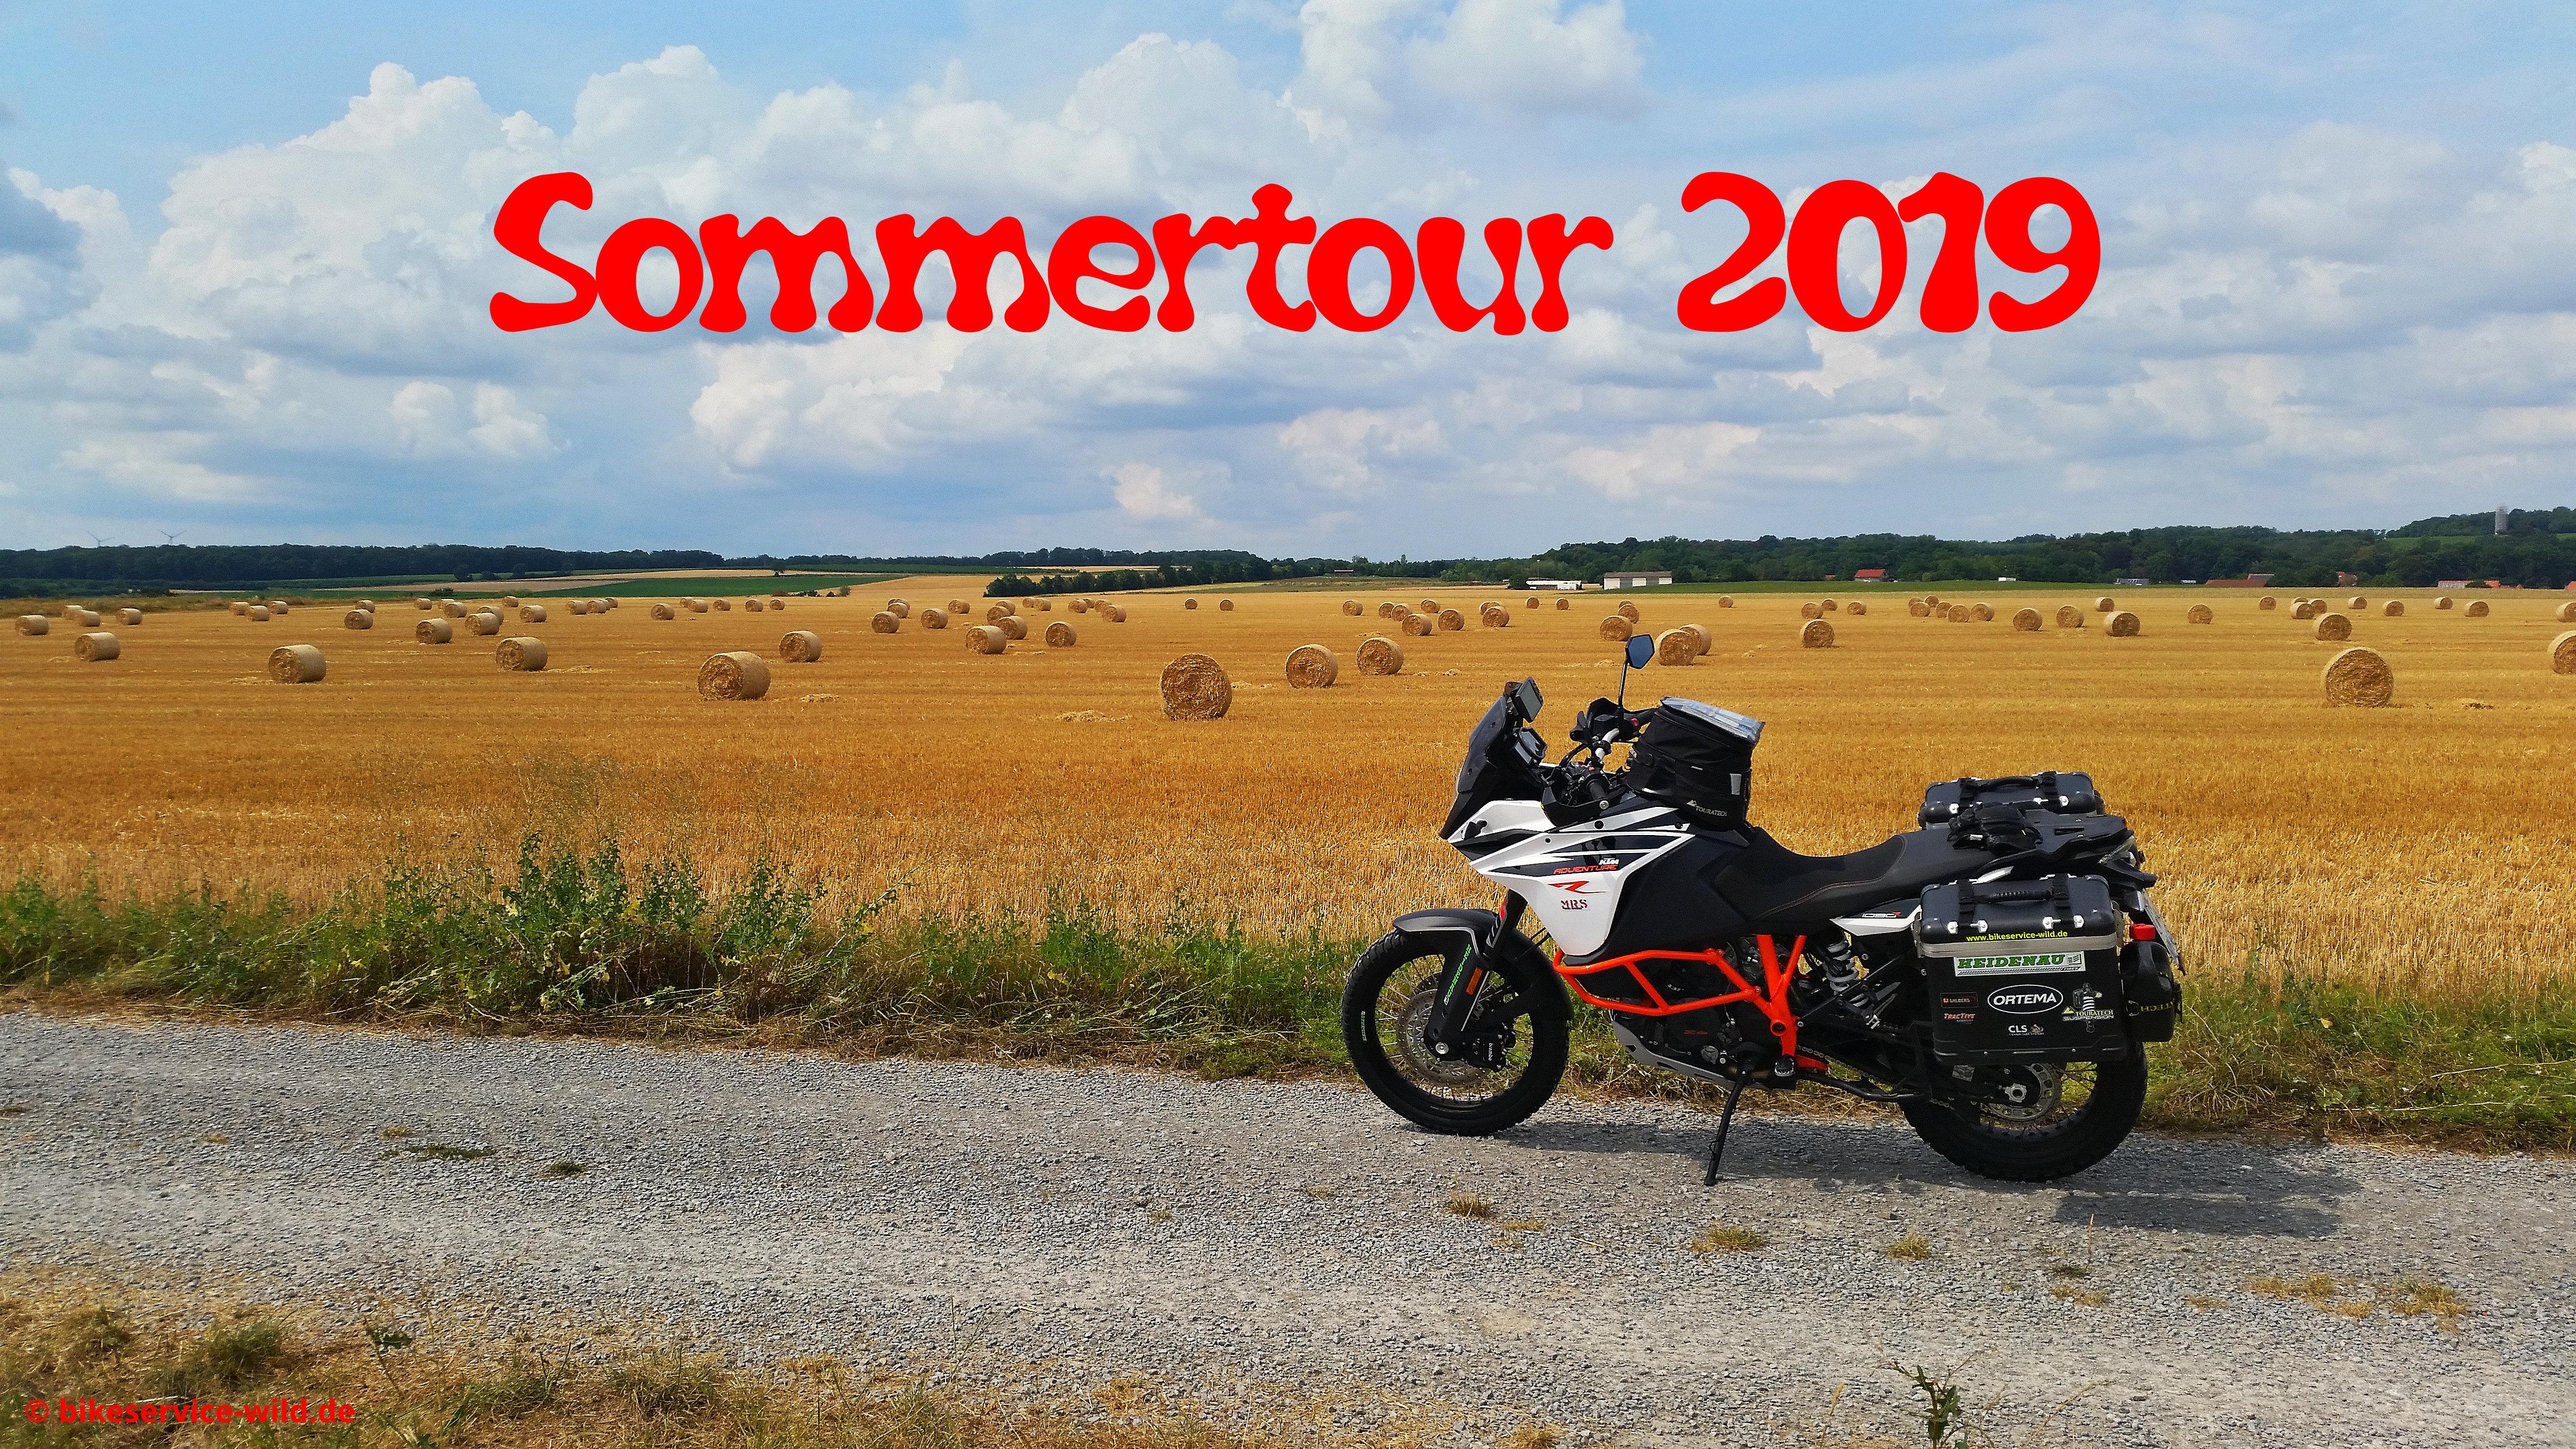 Sommertour 2019